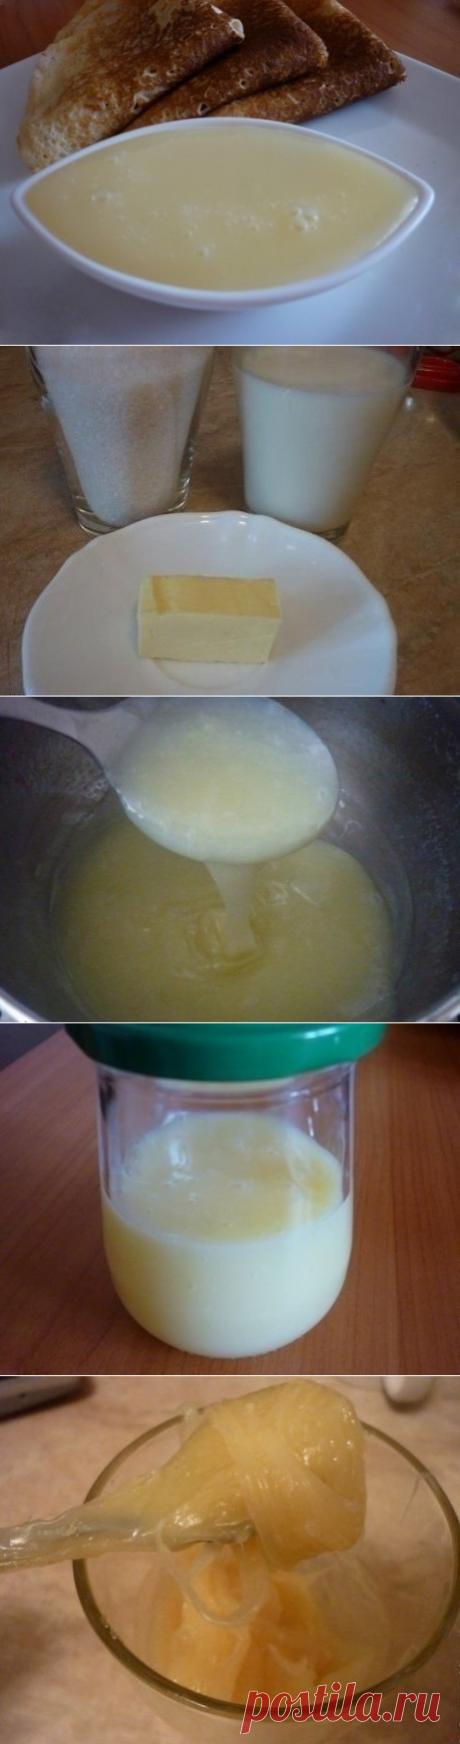 Как приготовить вкусная домашняя сгущенка за 15 минут - рецепт, ингридиенты и фотографии